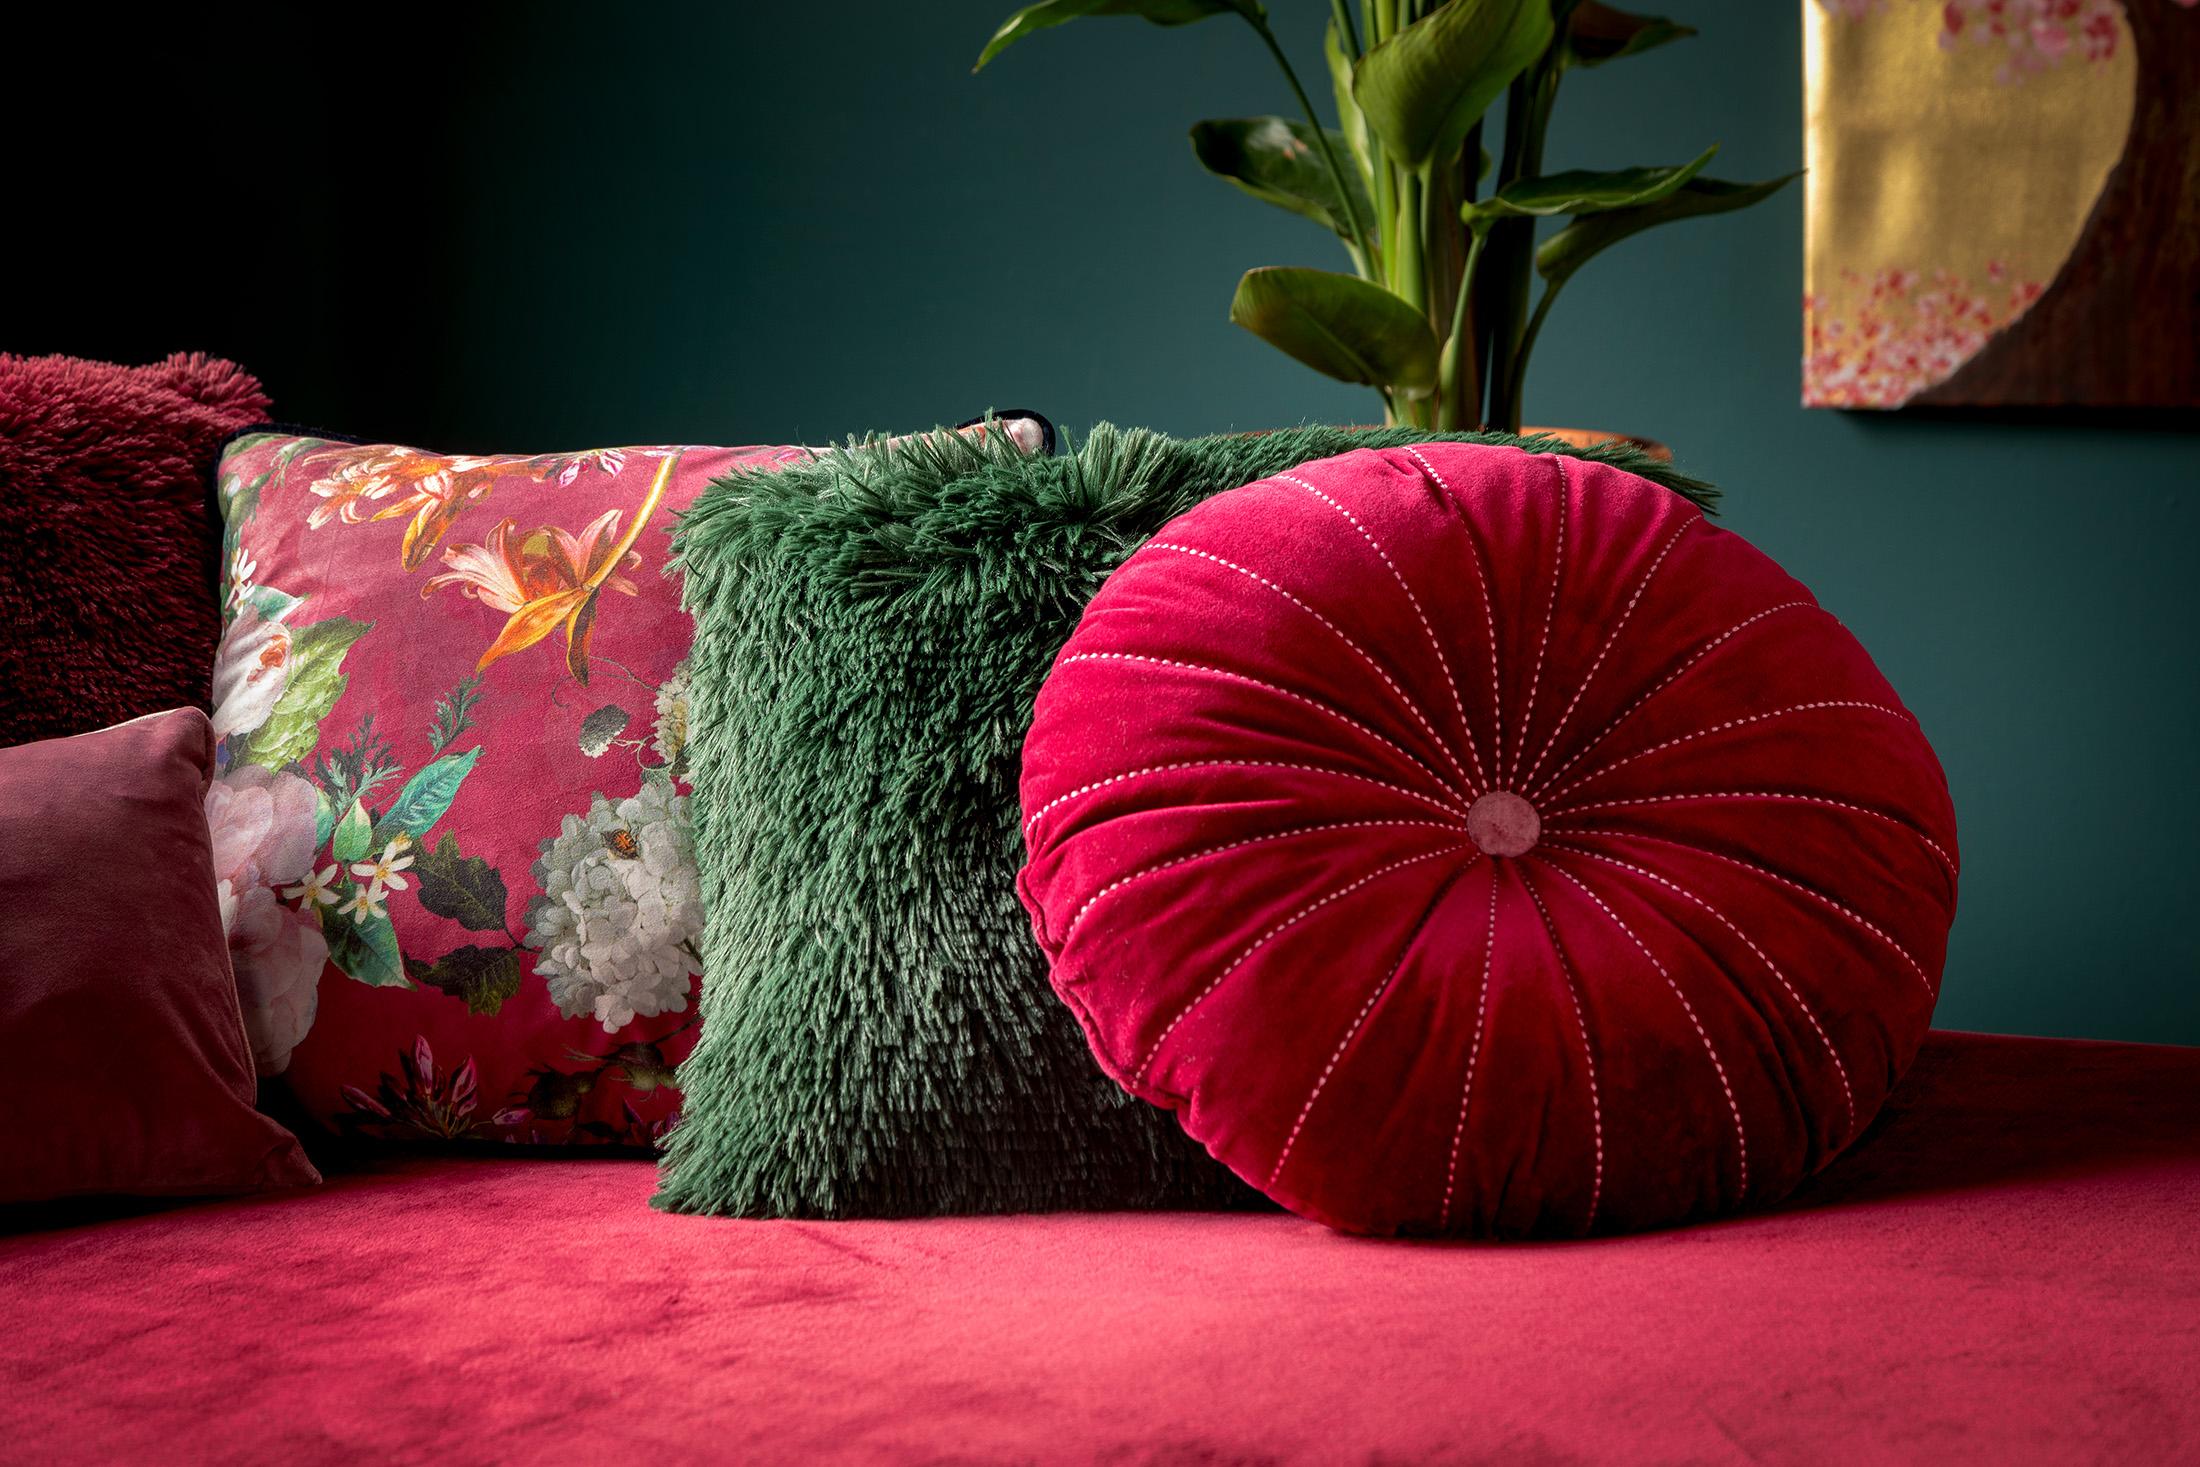 FENNA - Kussenhoes met bloemenpatroon Red Plum 45x45 cm